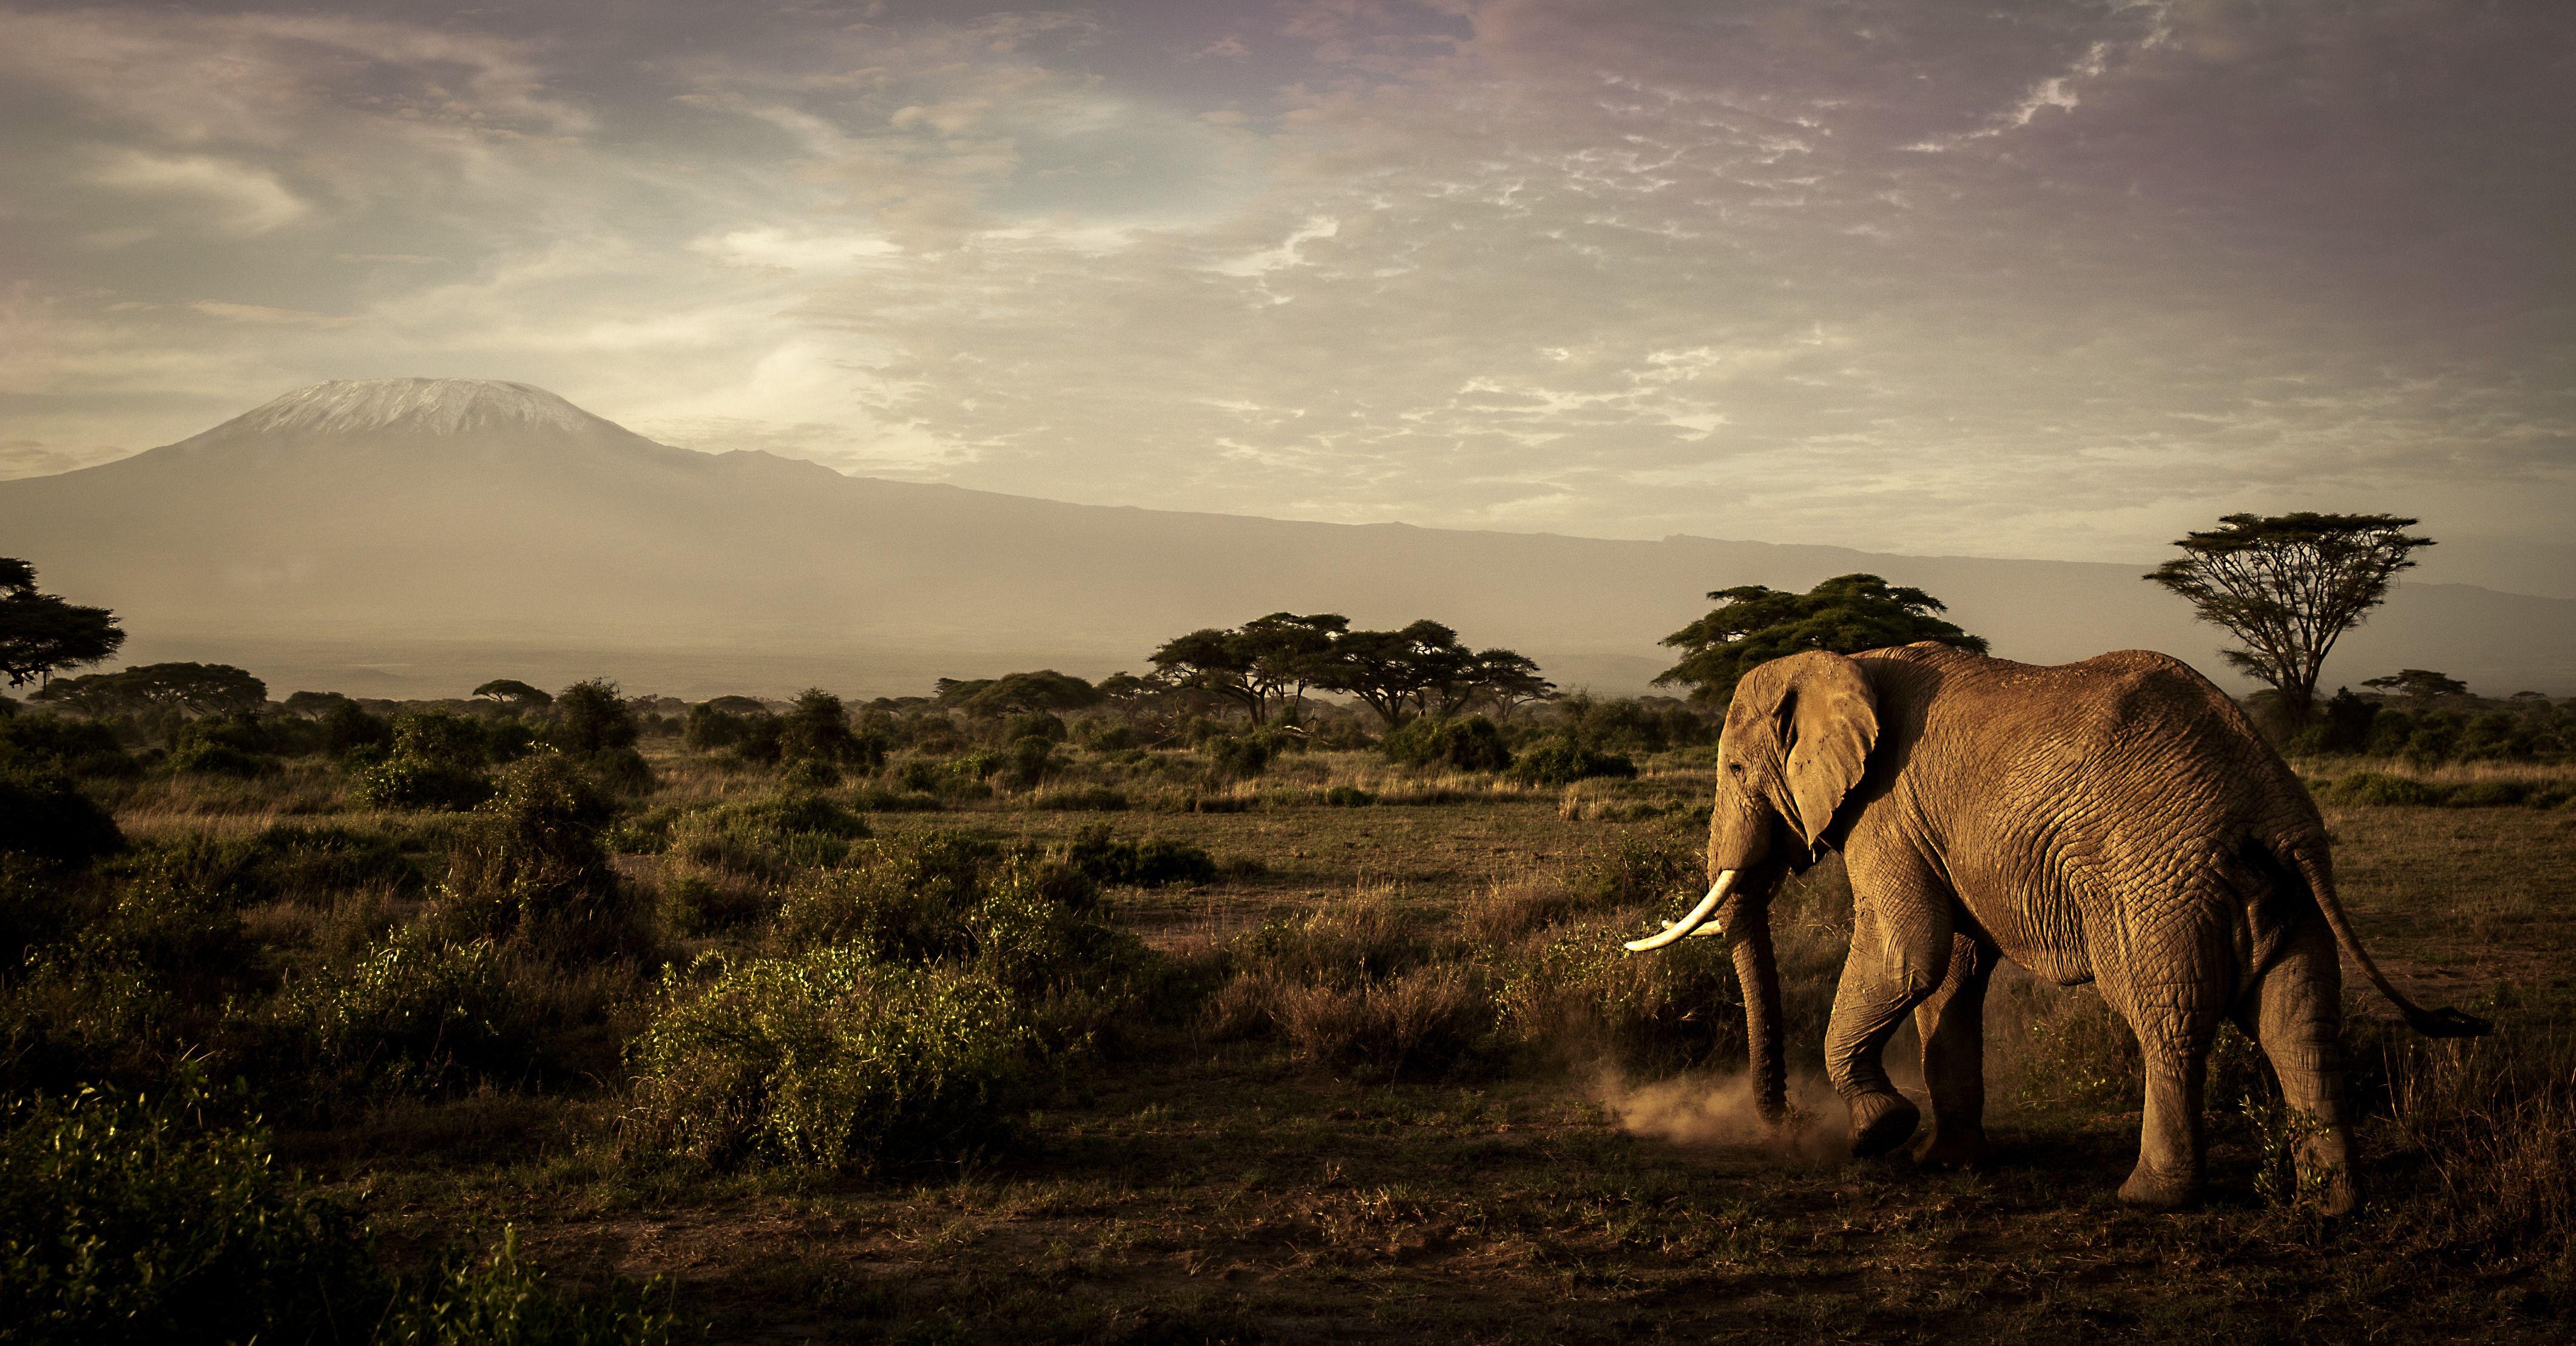 Elephants can feel empathy.